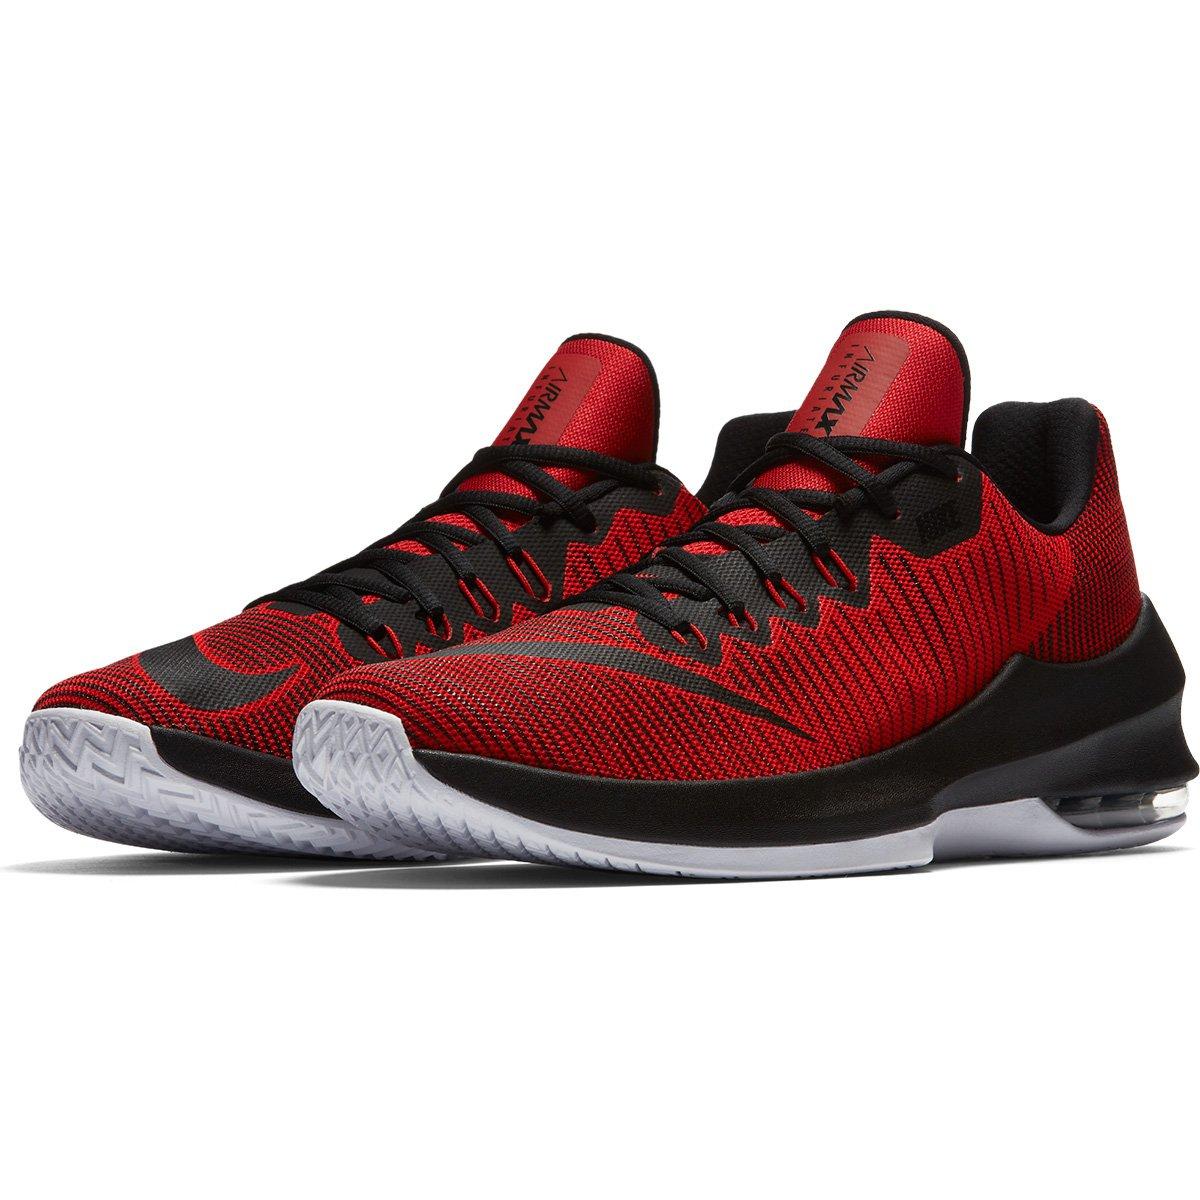 14d1e00fe85 Tênis Nike Air Max Infuriate 2 Low Masculino - Vermelho e Branco - Compre  Agora